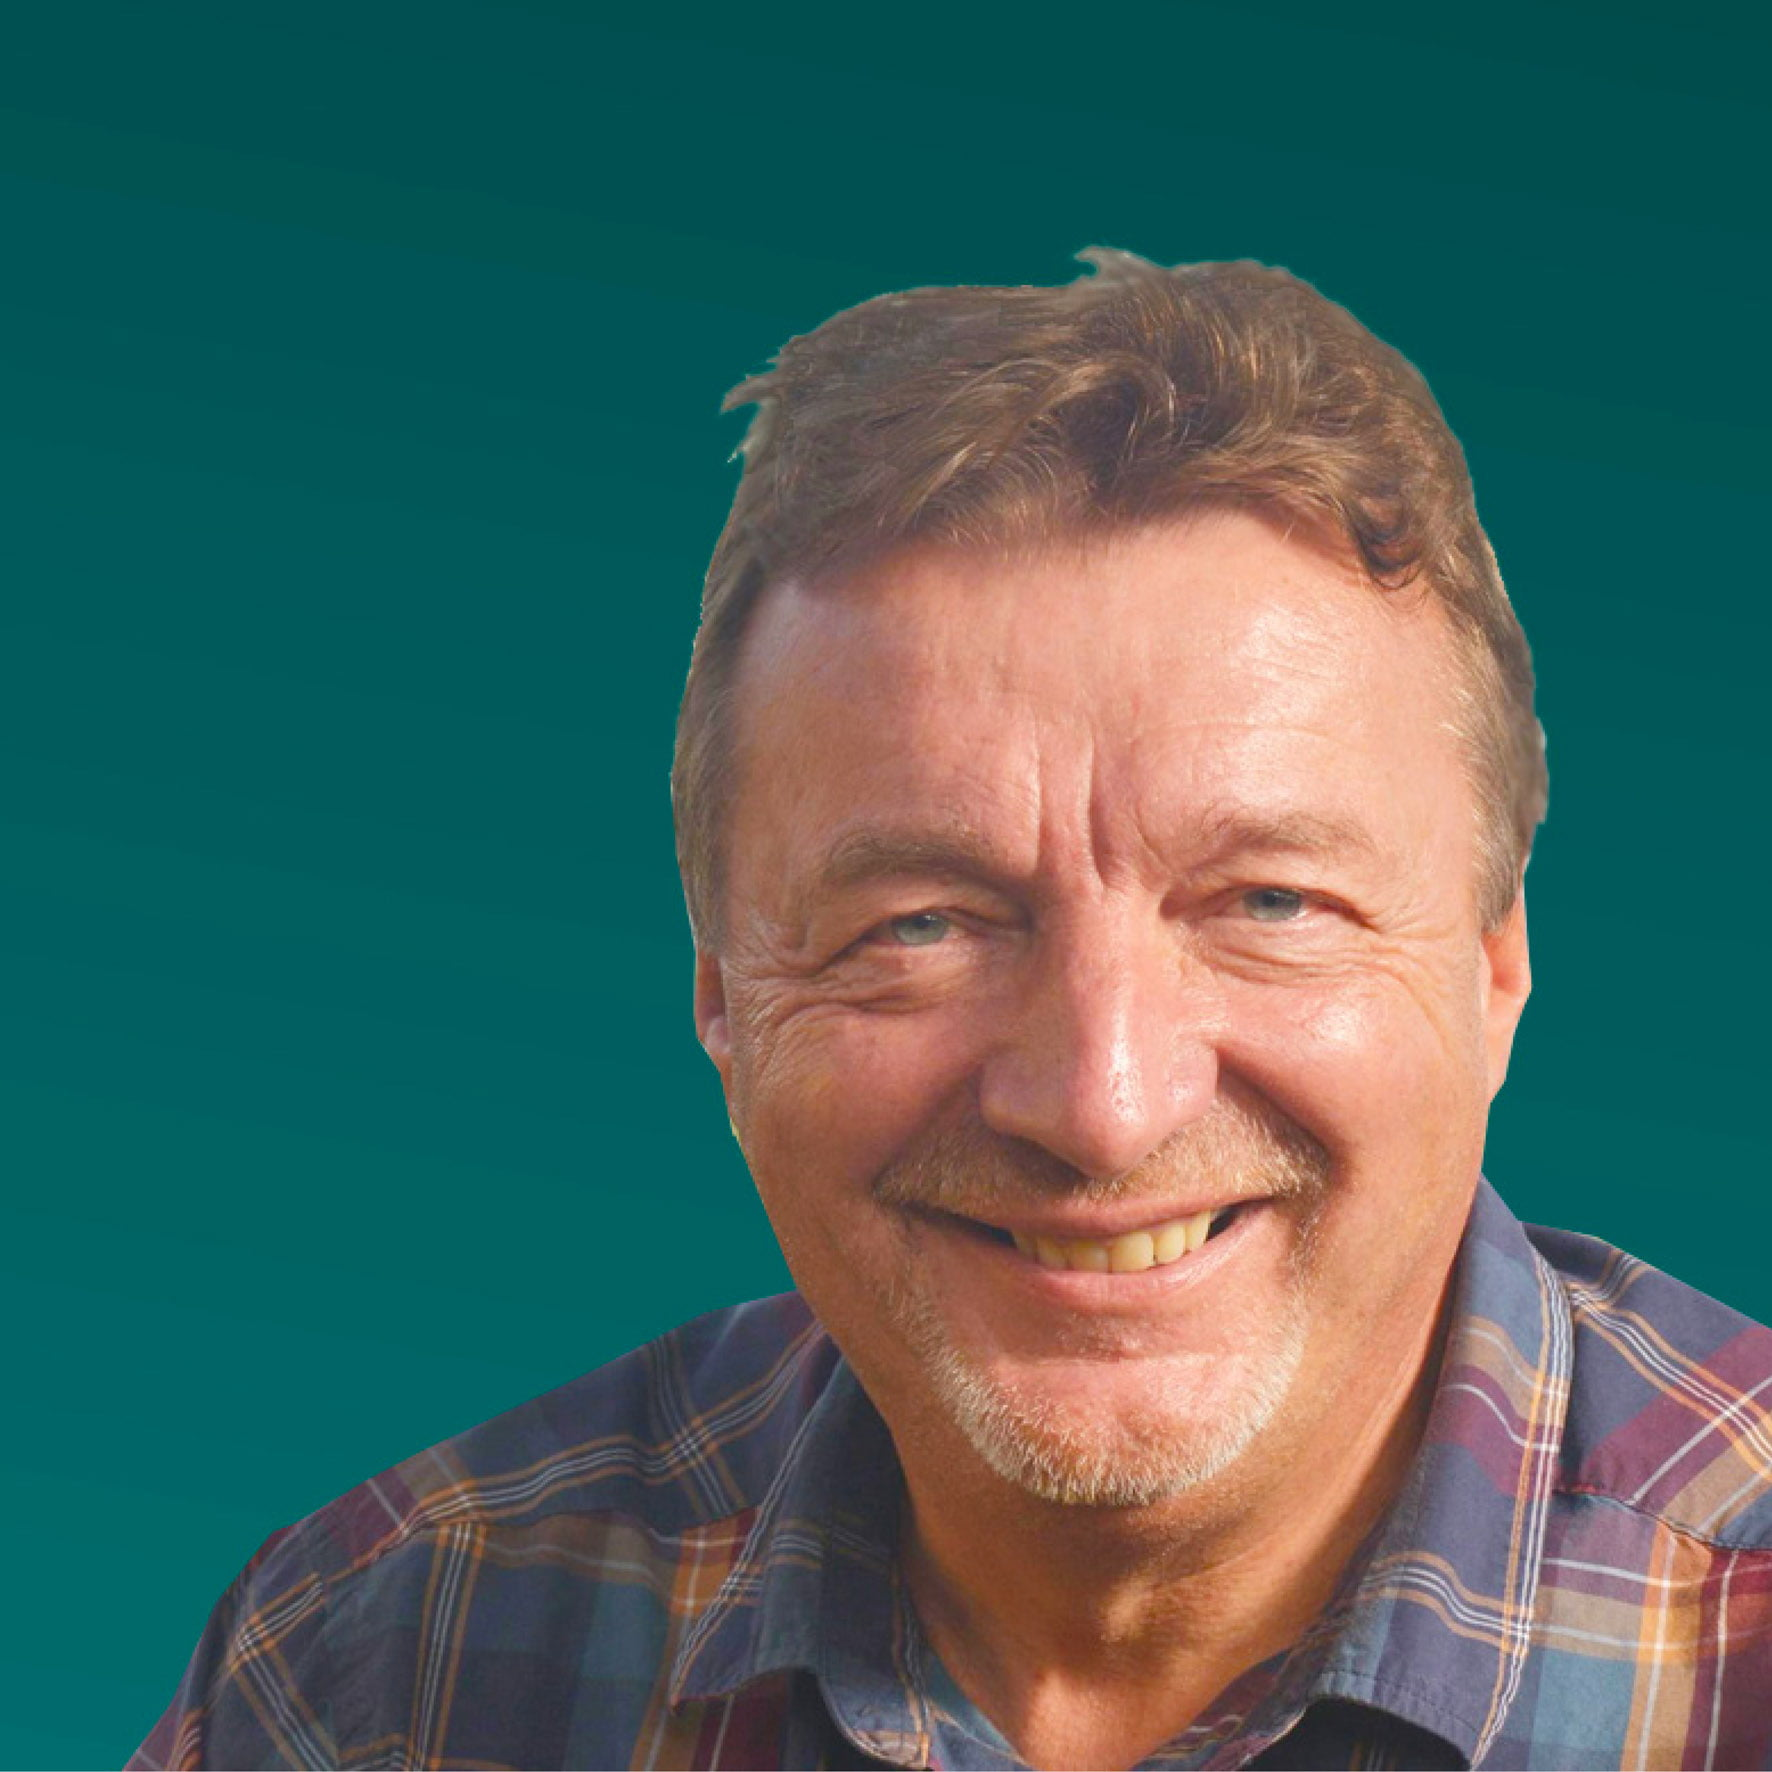 Paul Houiellebecq